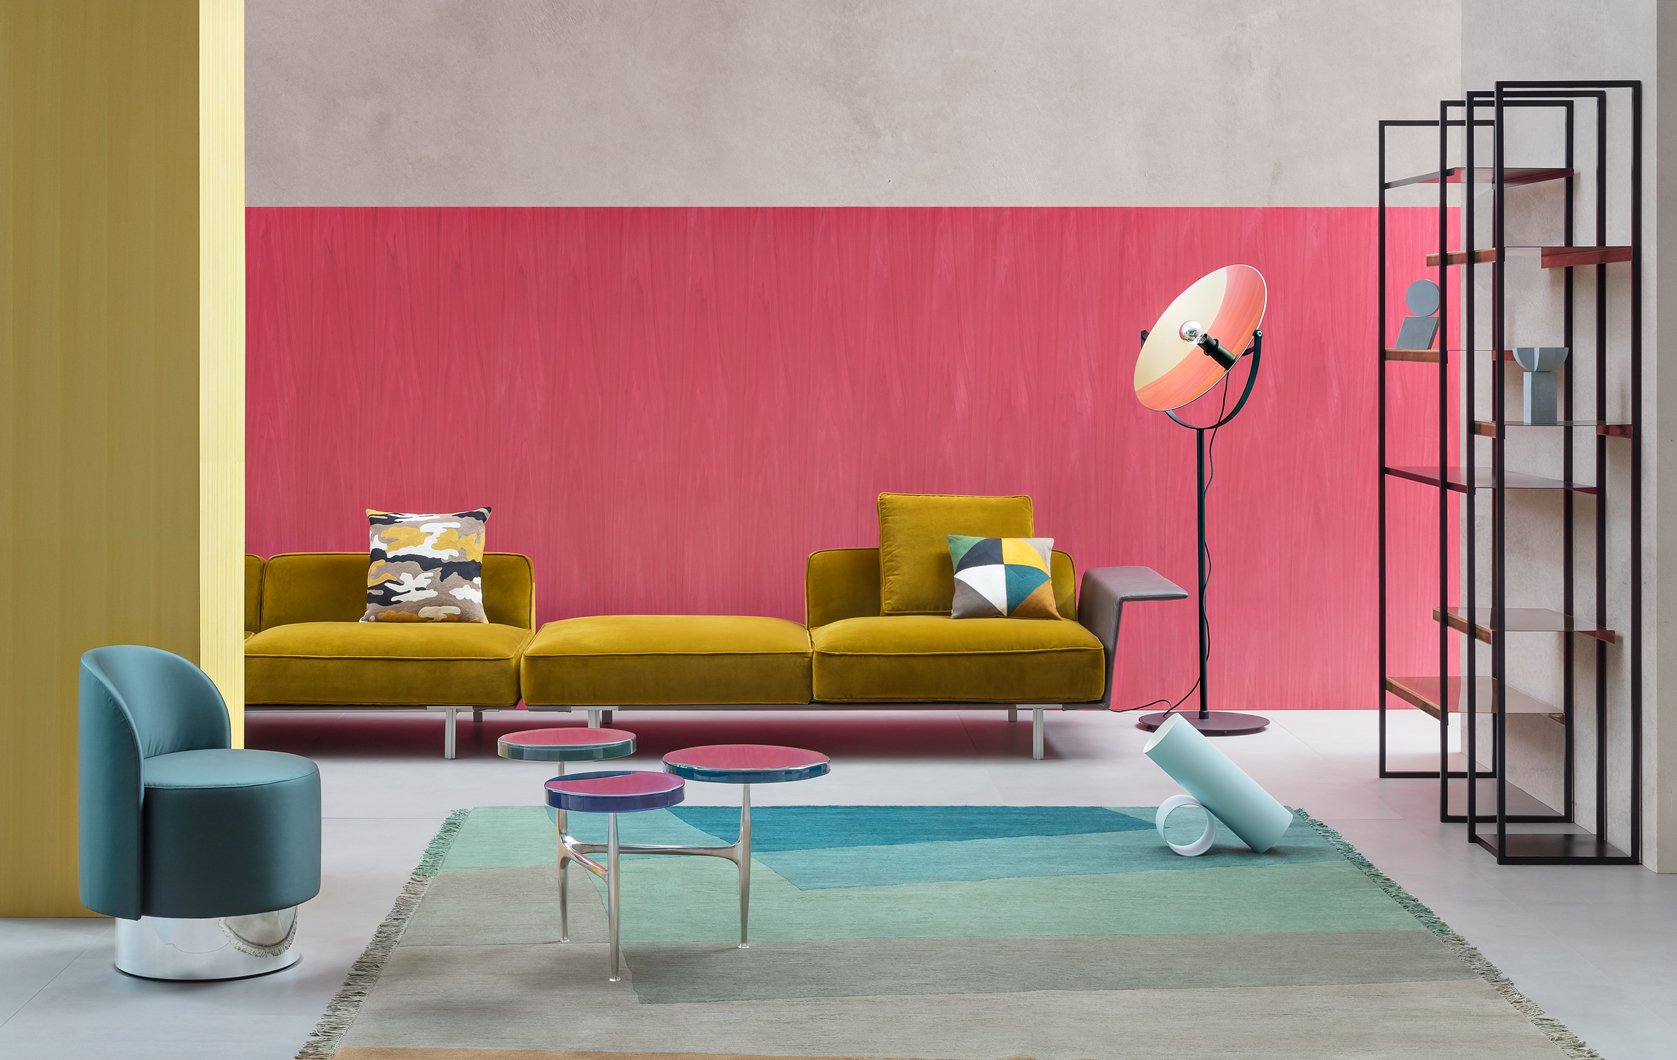 Interni timeless preview salone del mobile livingcorriere for Interni salone